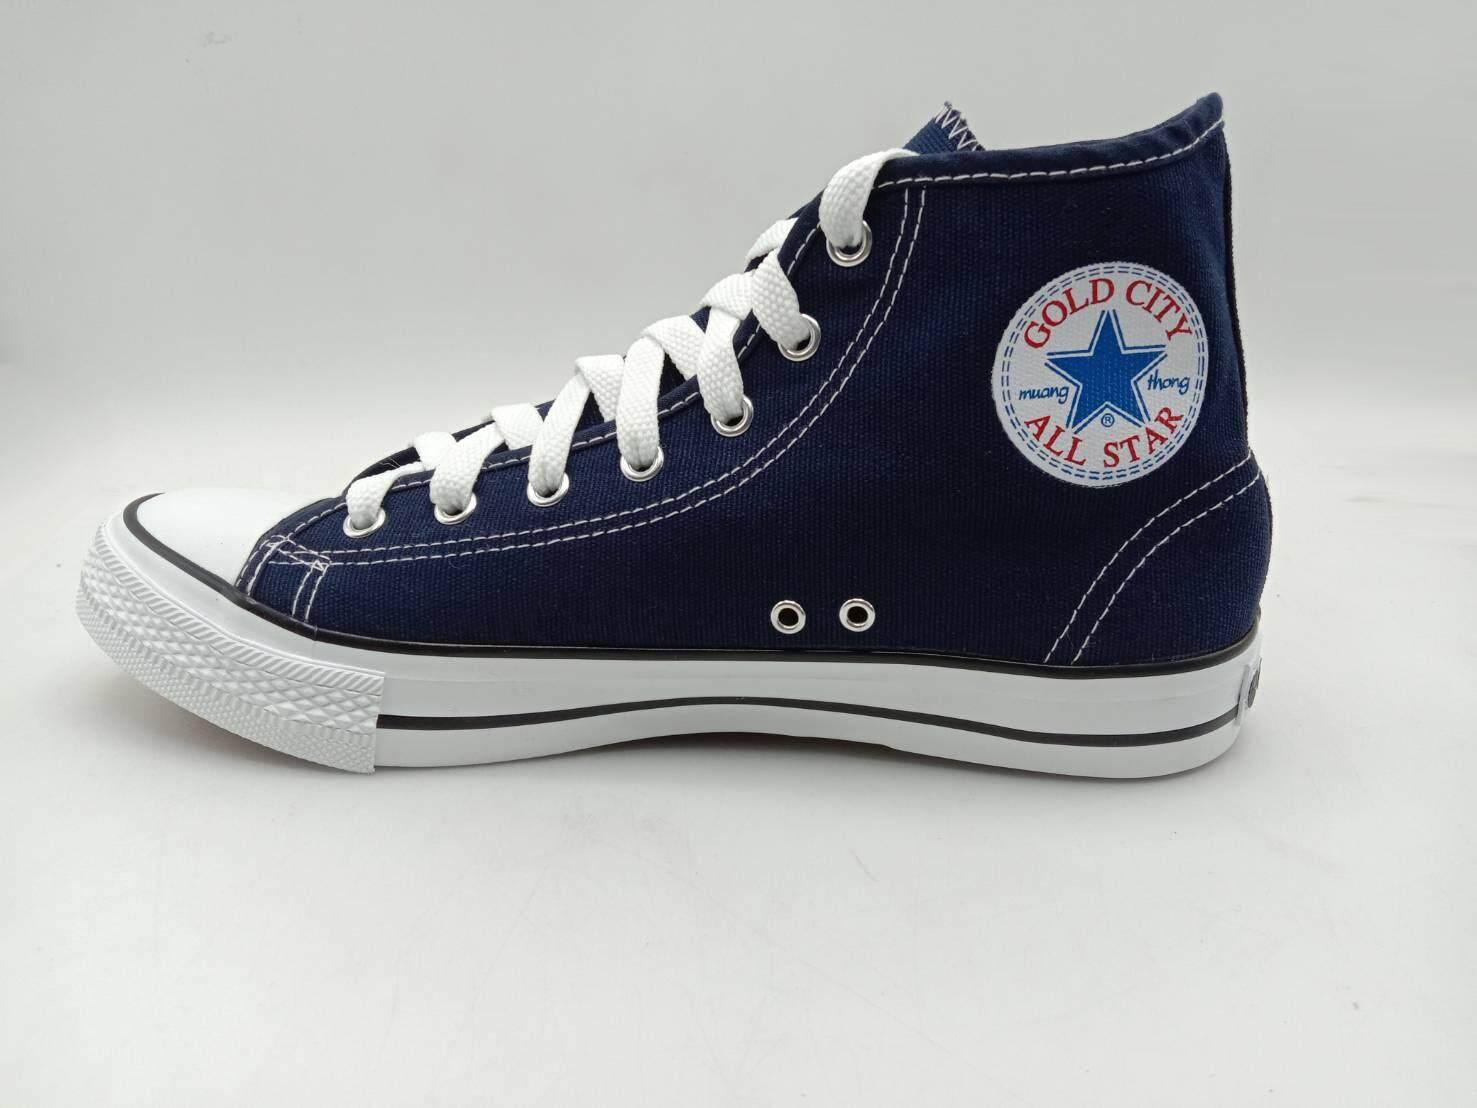 รองเท้าผ้าใบหุ้มข้อ Gold city รุ่น 1252